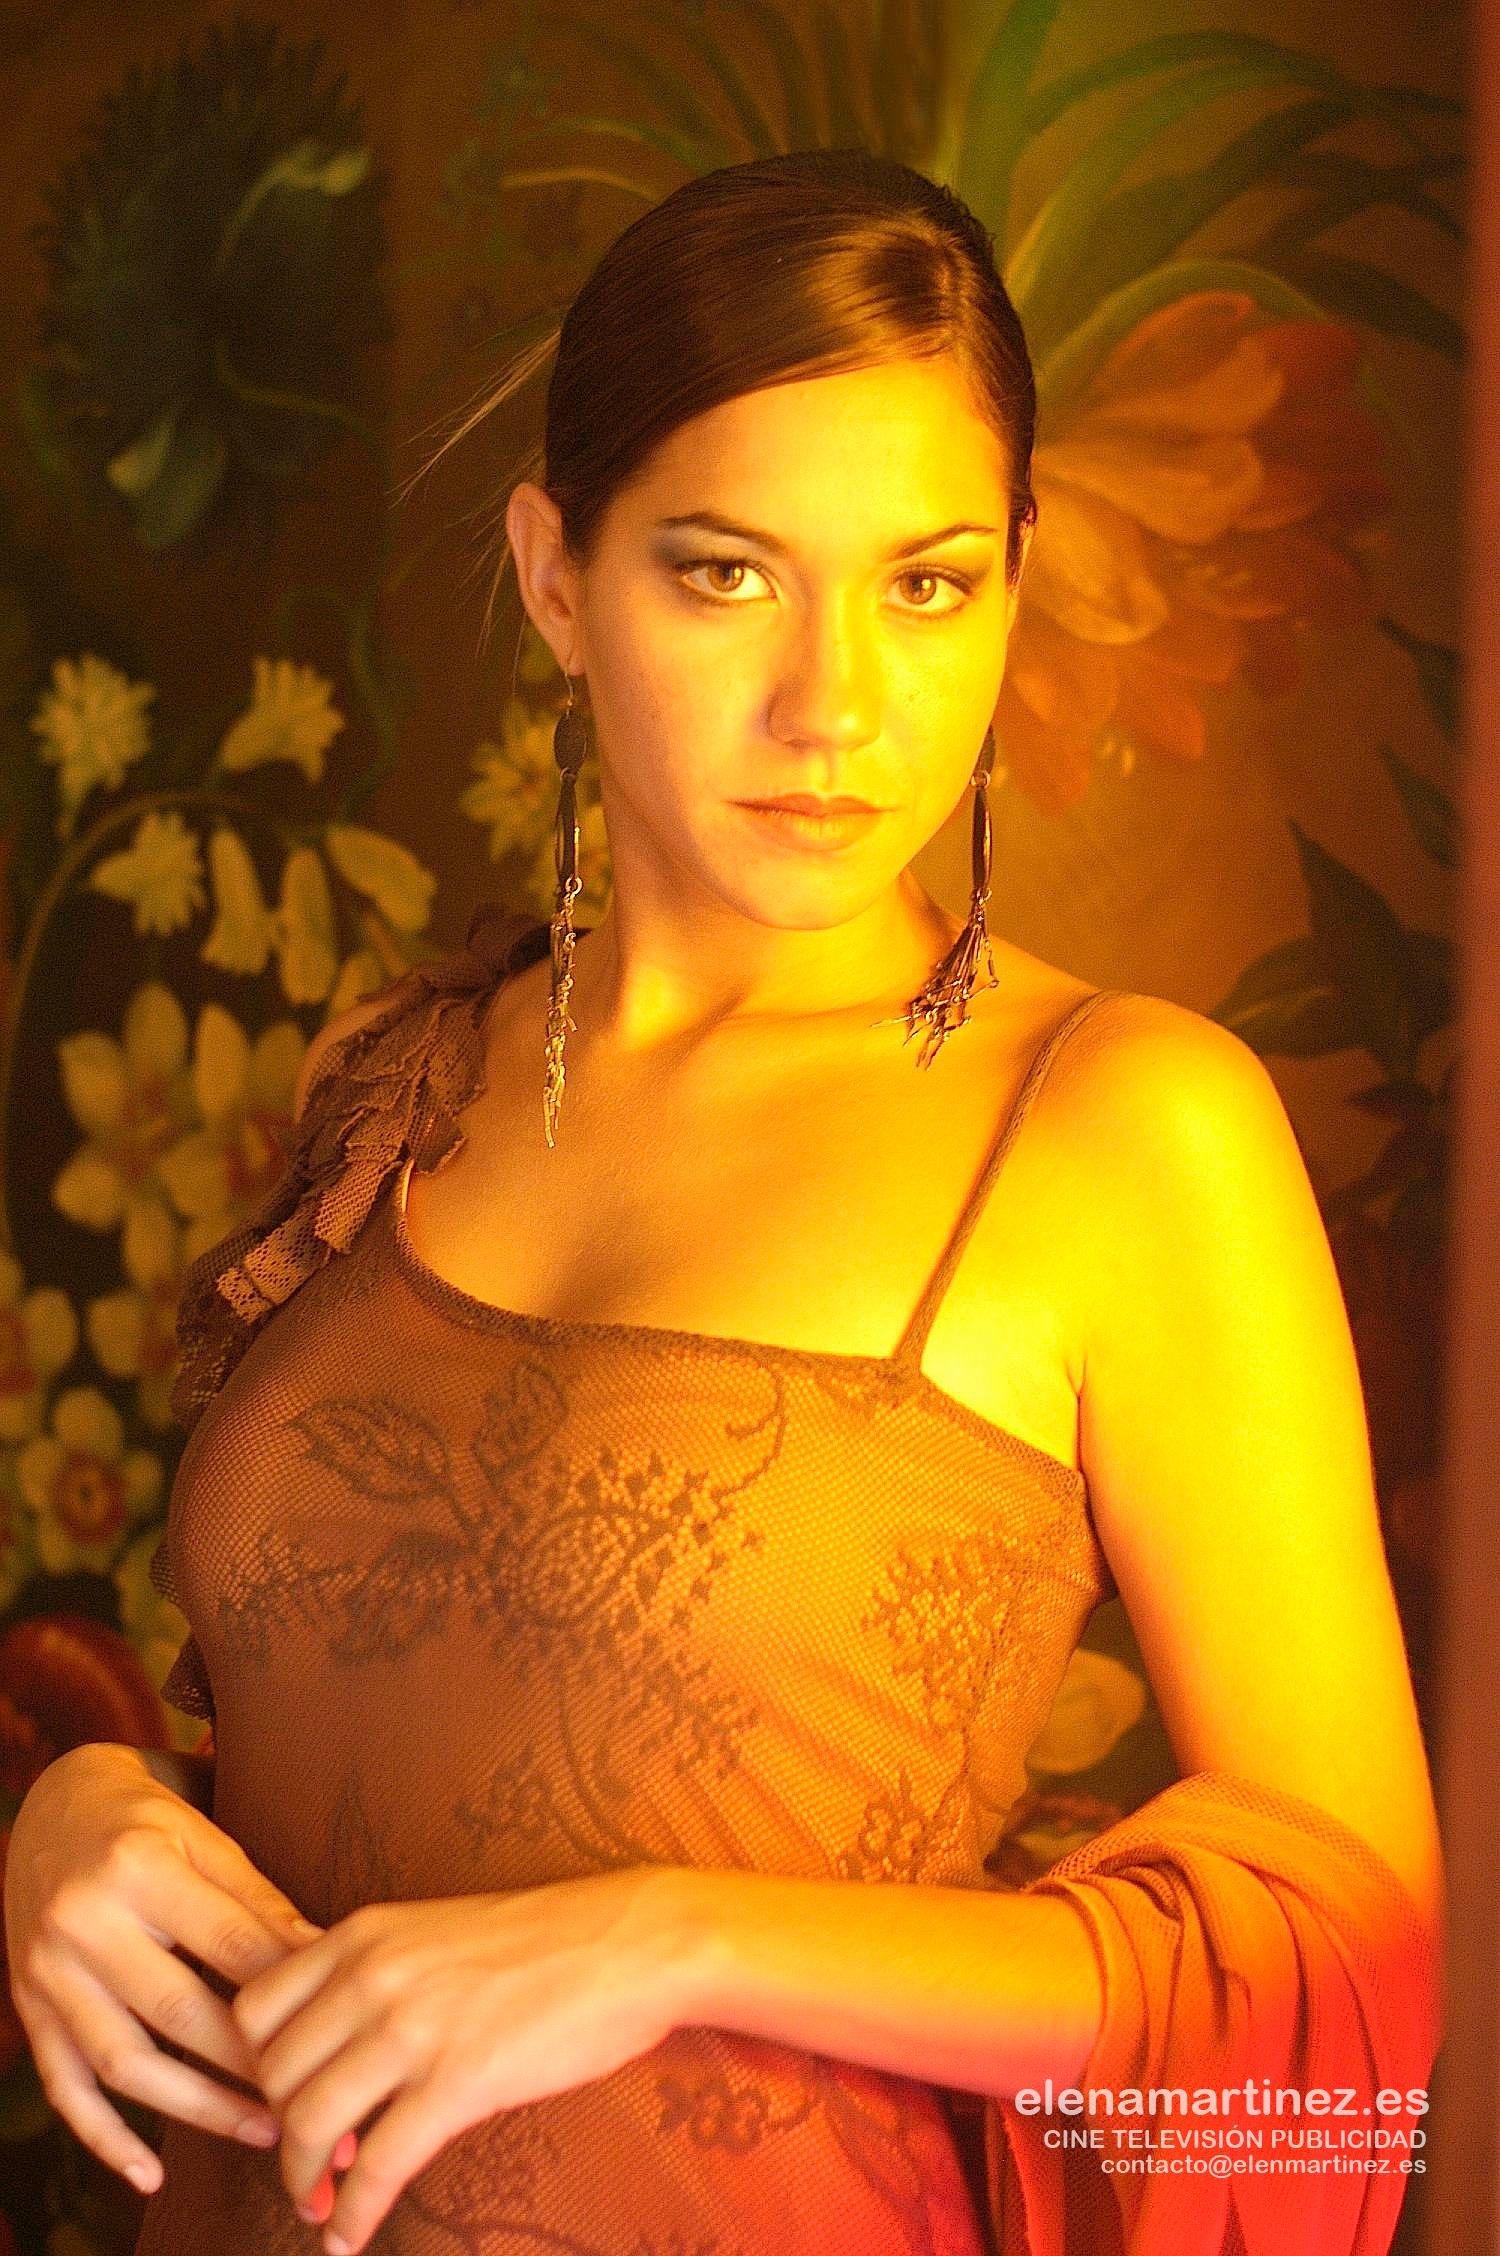 011 Elena Martinez - Actriz Cine Television Publicidad Malaga Madrid